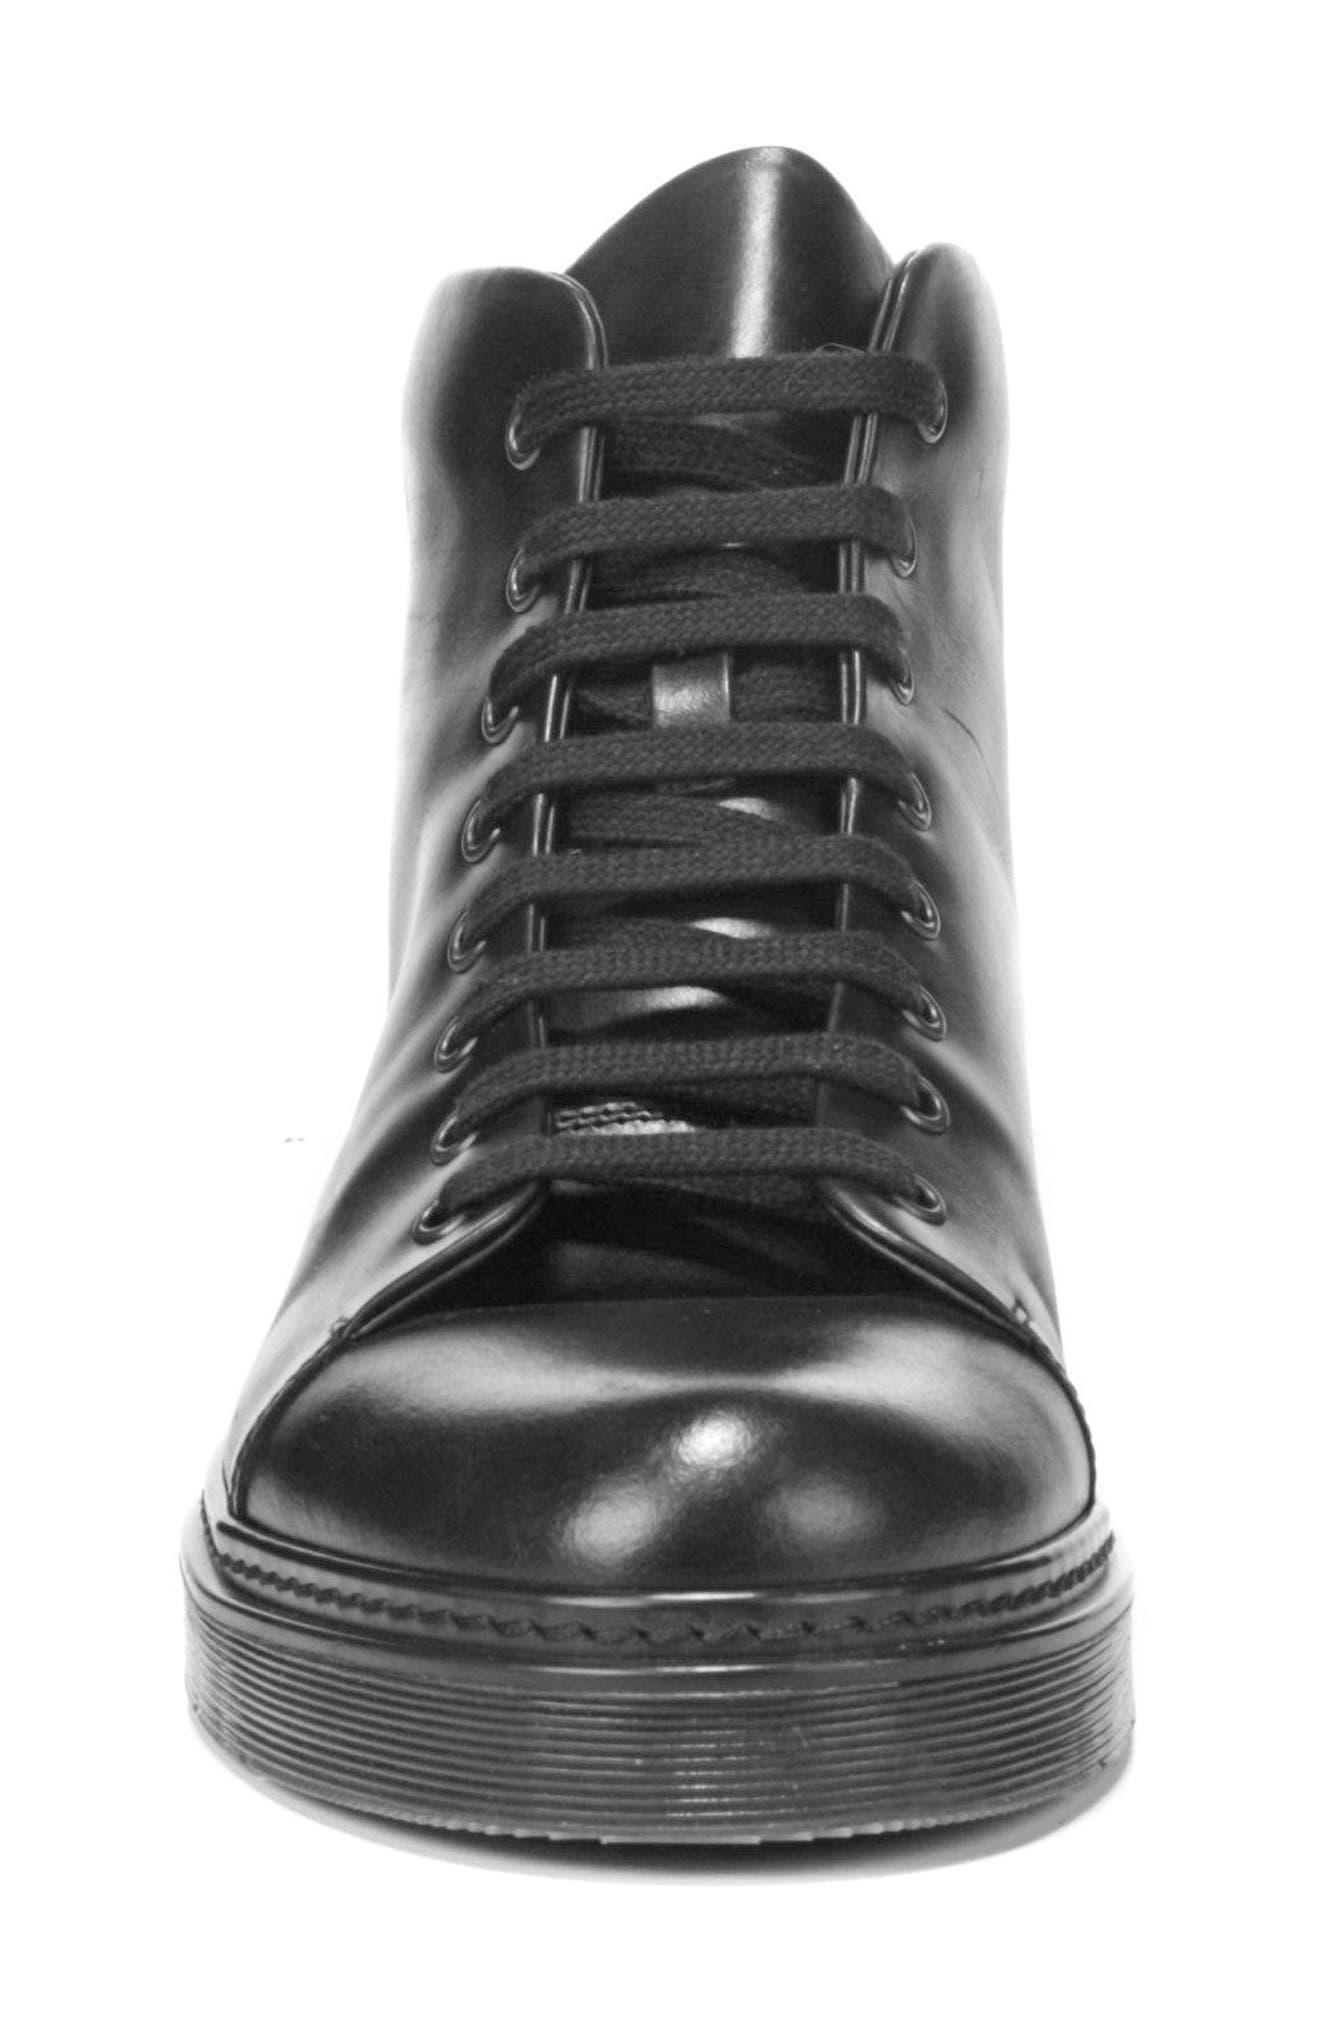 Malone Plain Toe Boot,                             Alternate thumbnail 7, color,